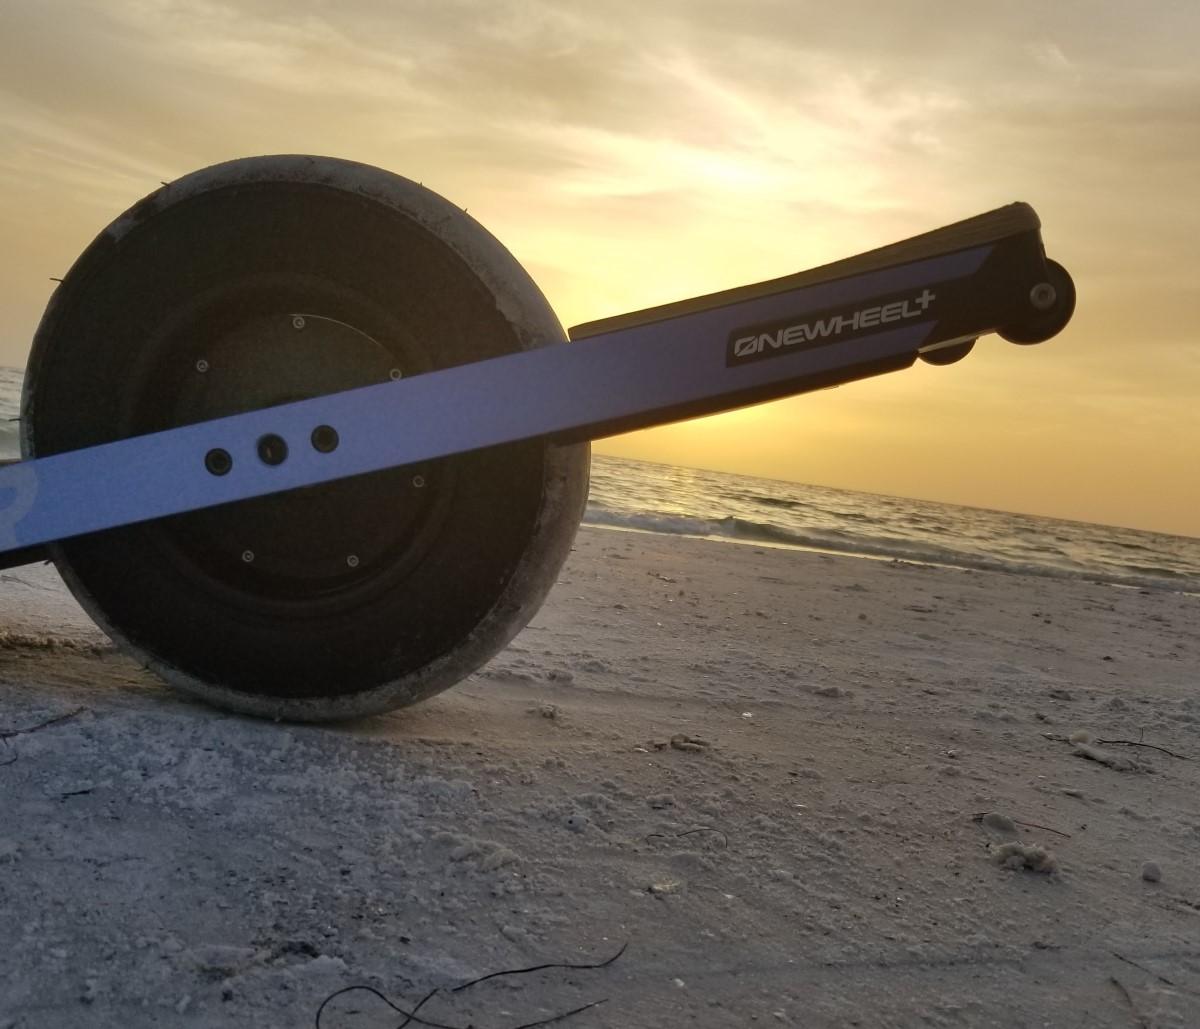 XR_wheels_sunset.jpg